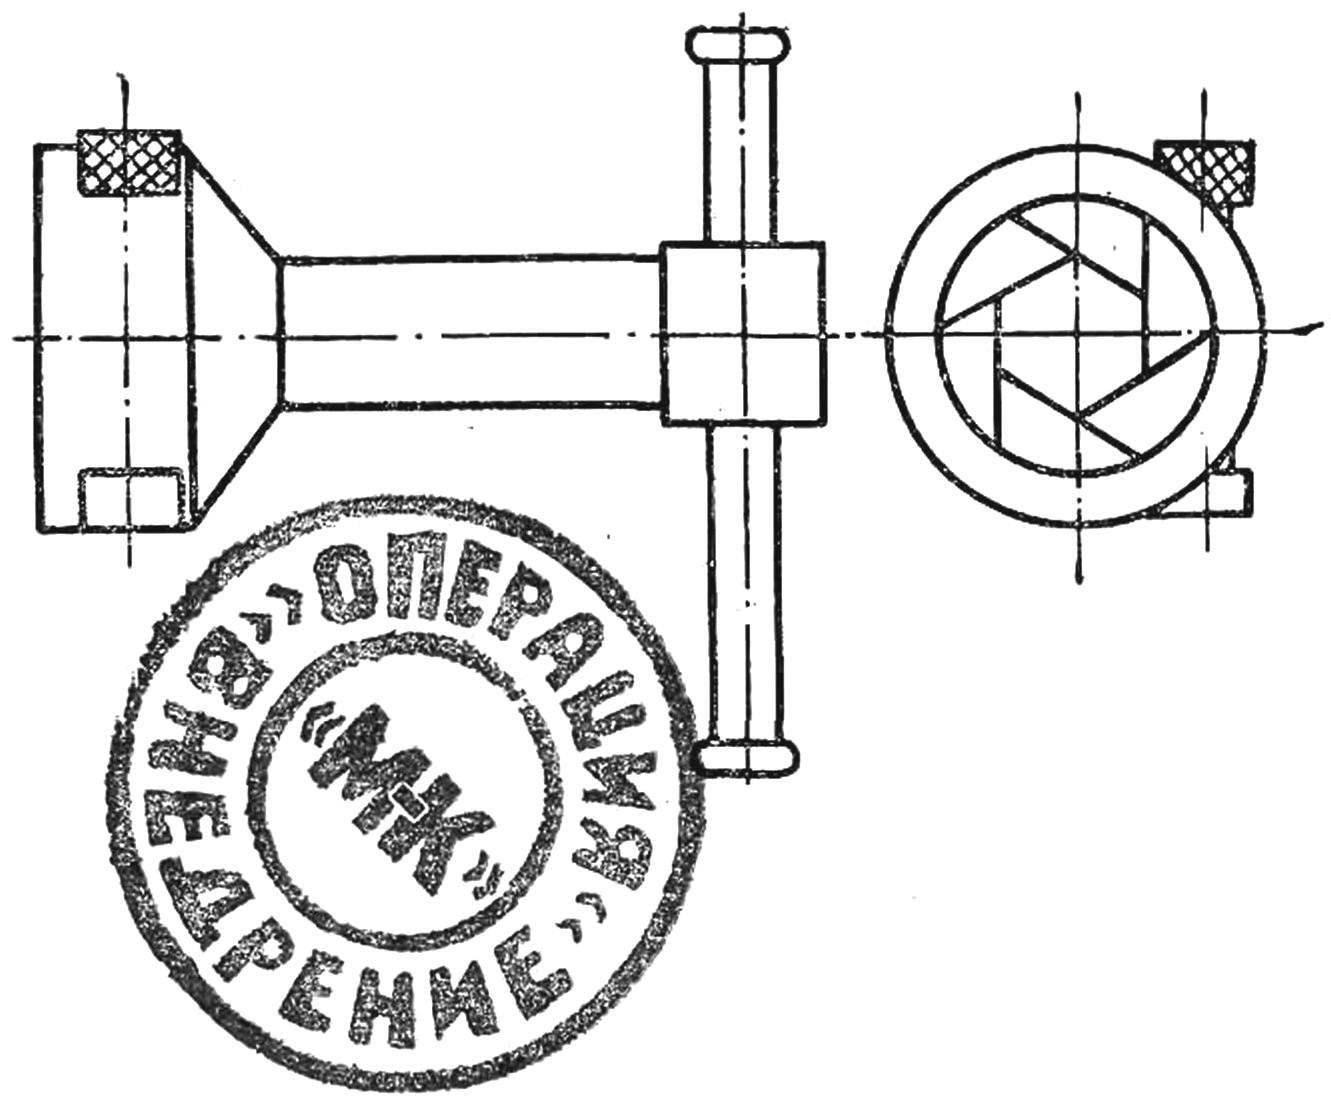 Рис. 2. Универсальный торцовый ключ.